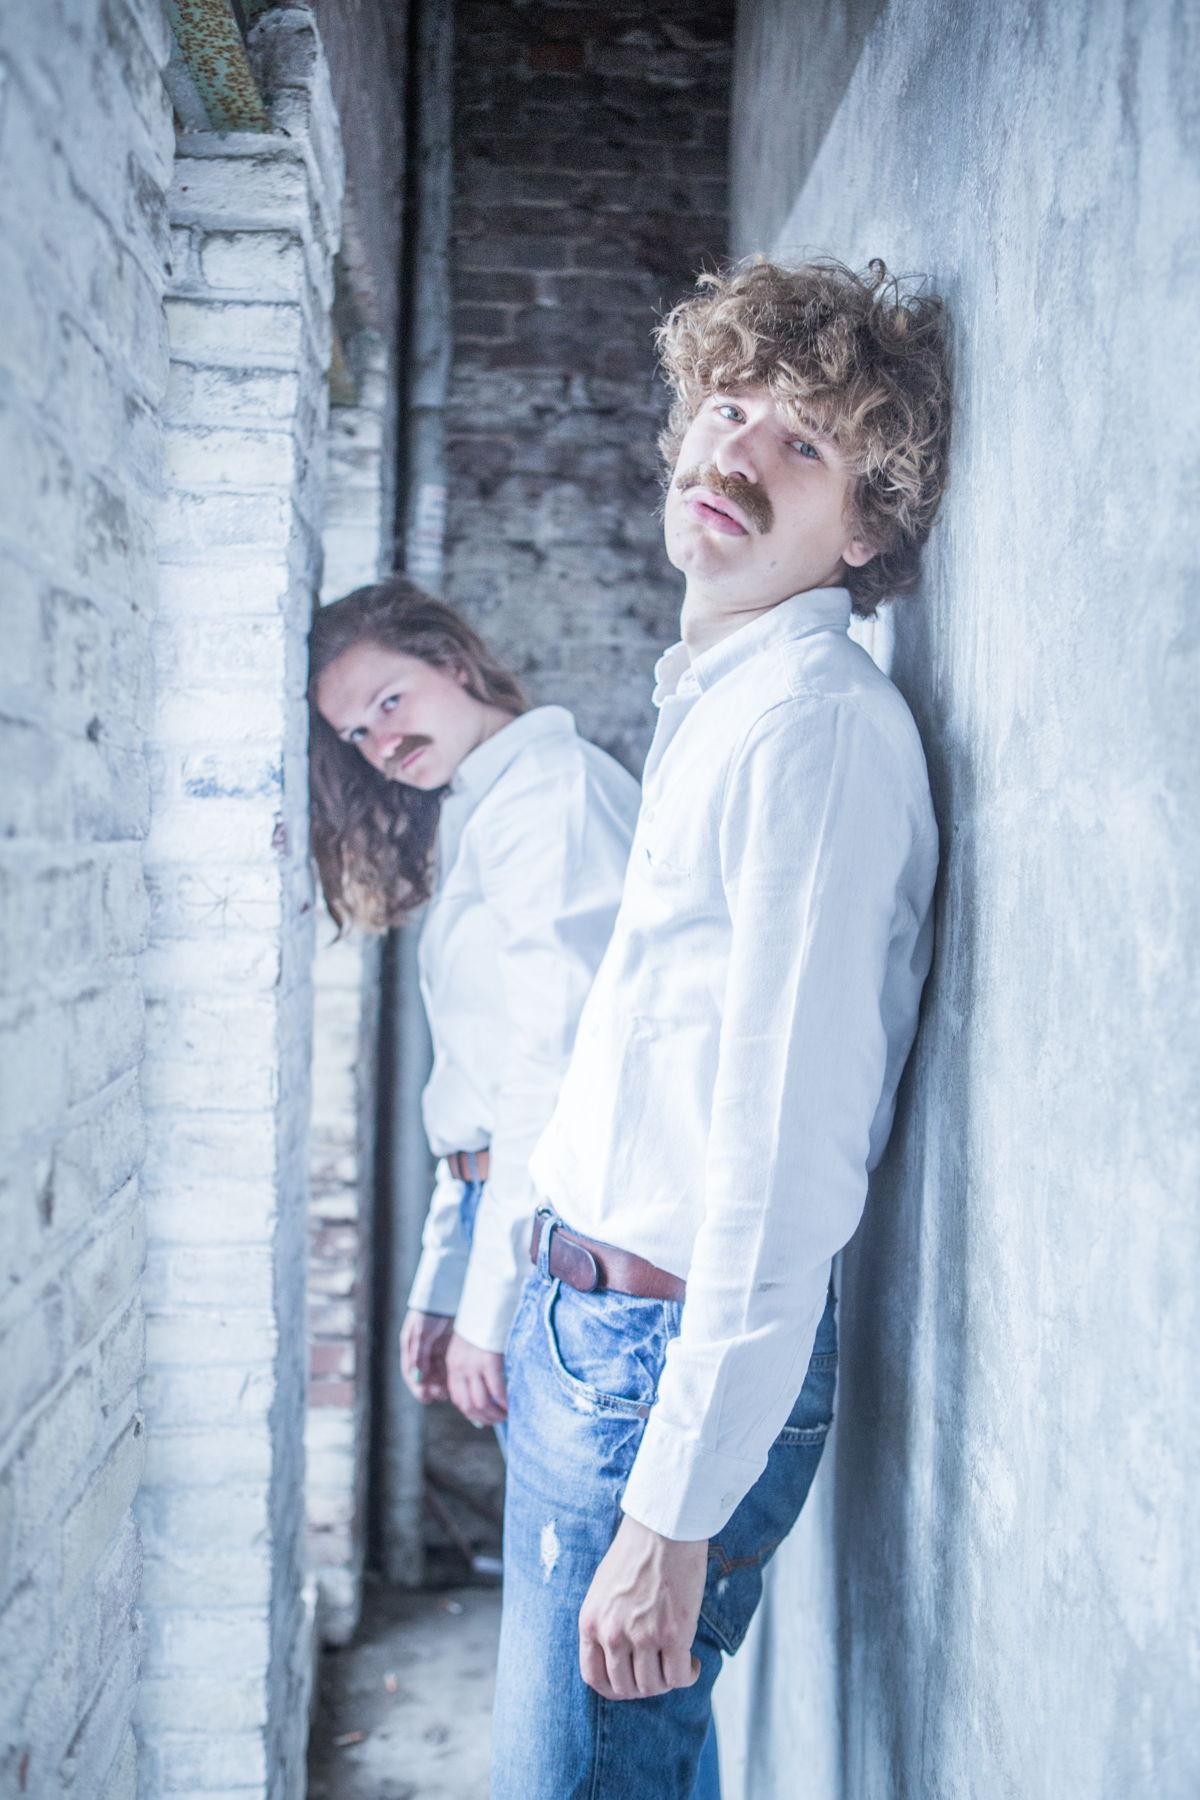 Foto: Anneloes van den Adel